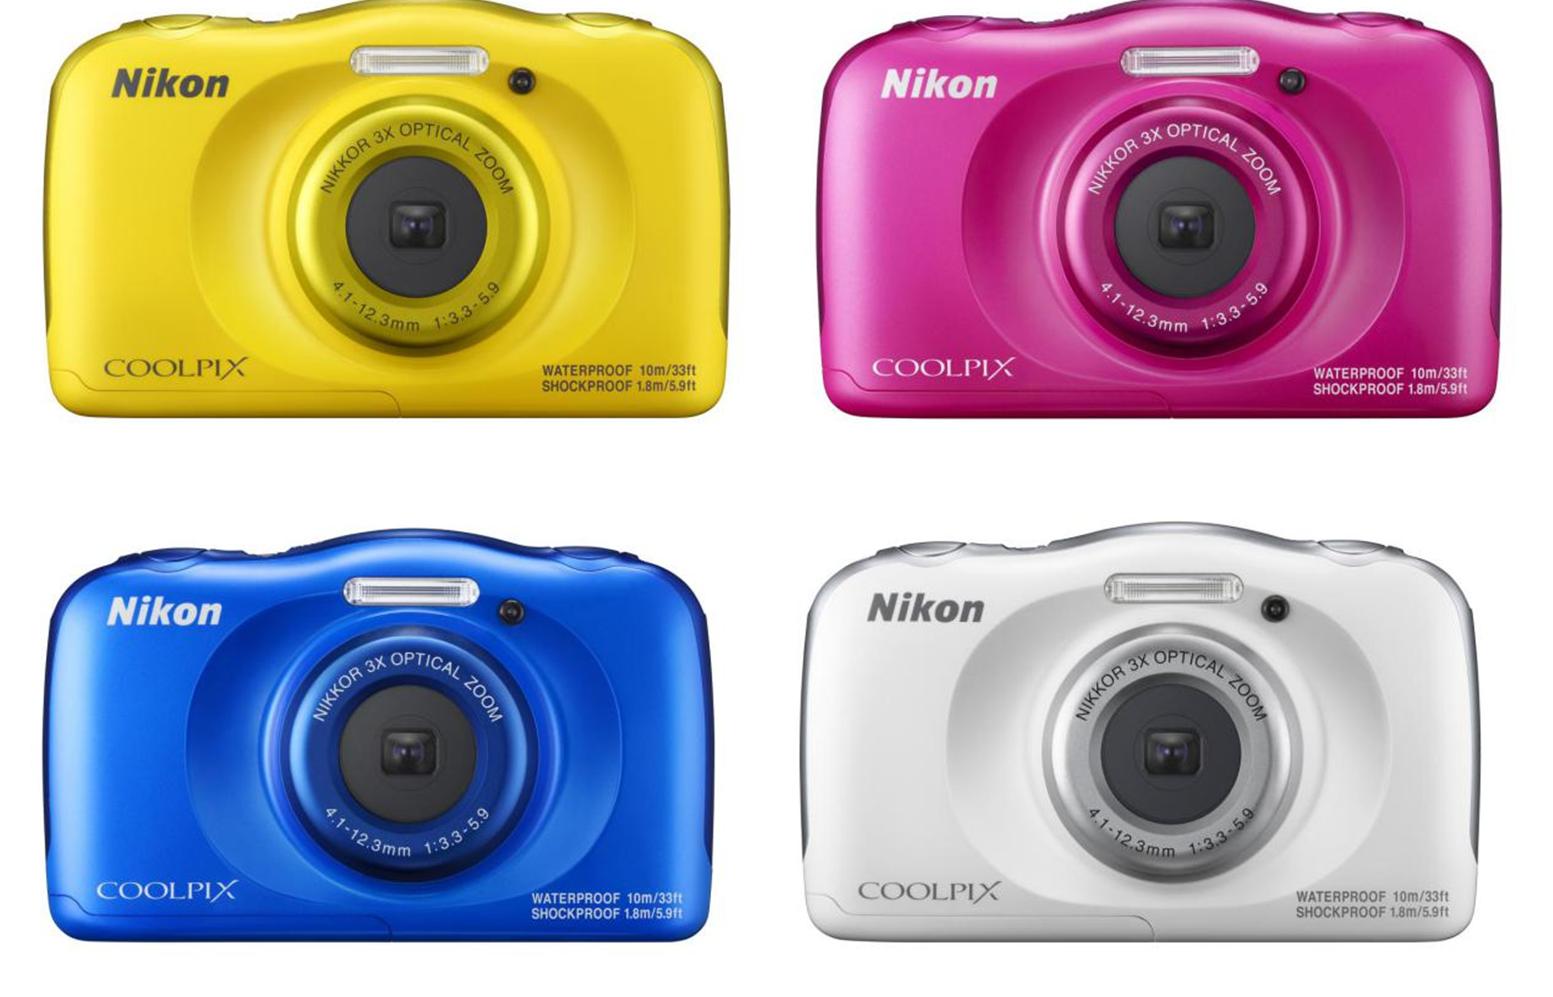 全球首款支援SnapBridge藍牙上傳照片的防水相機 Nikon Coolpix W100